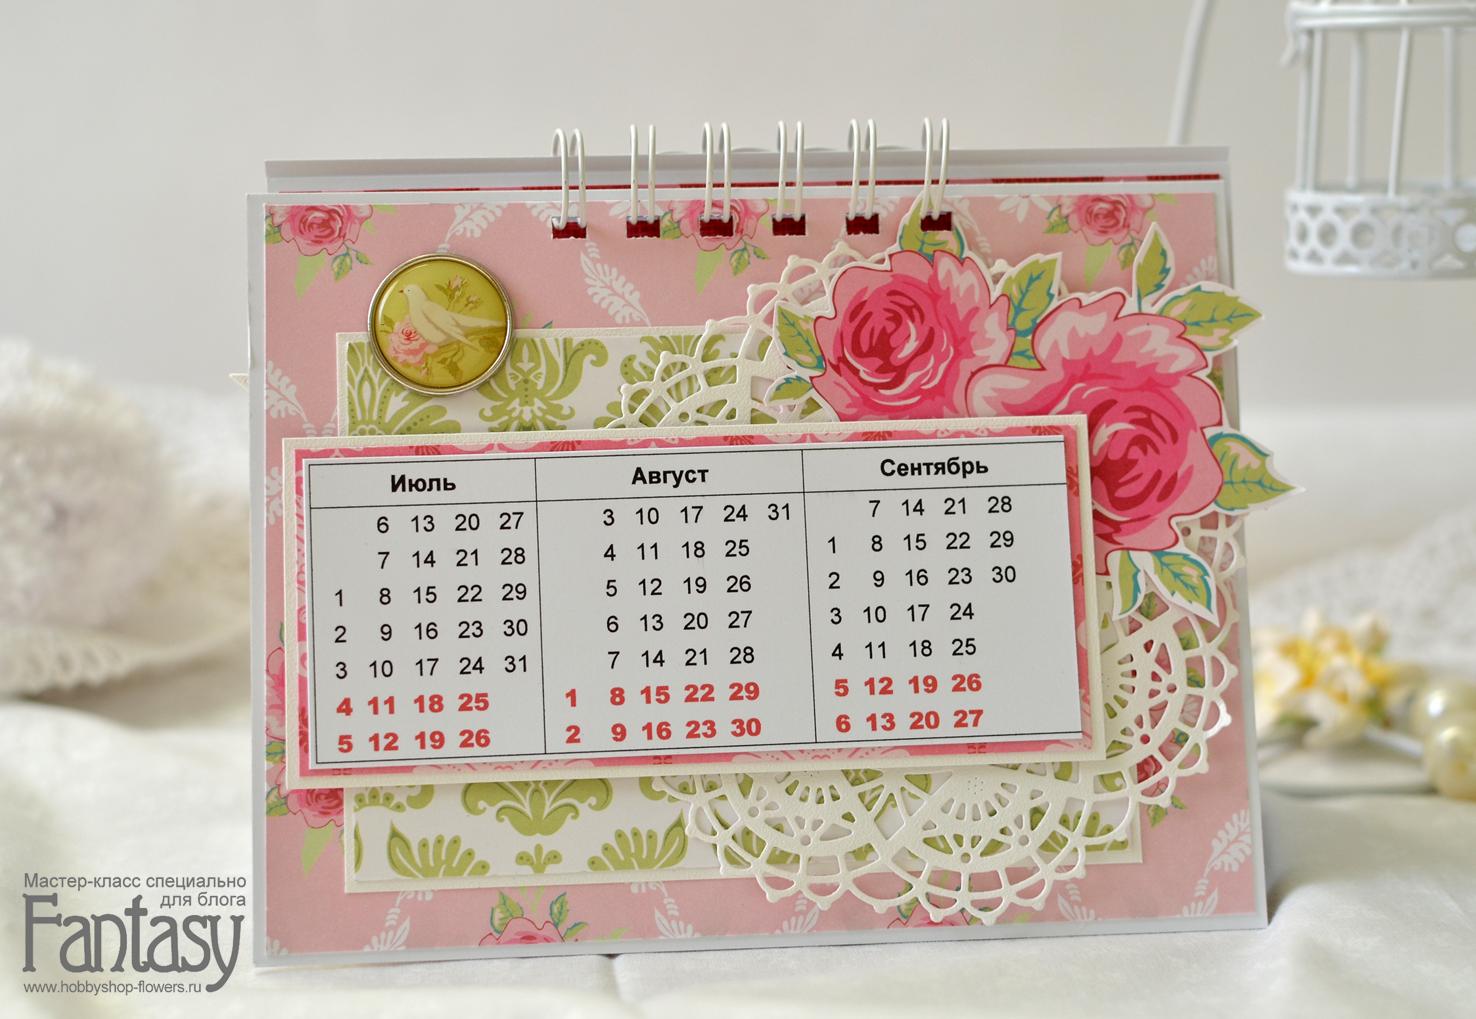 """FANTASY: Как я это делаю: """"Календарь поквартальный"""""""